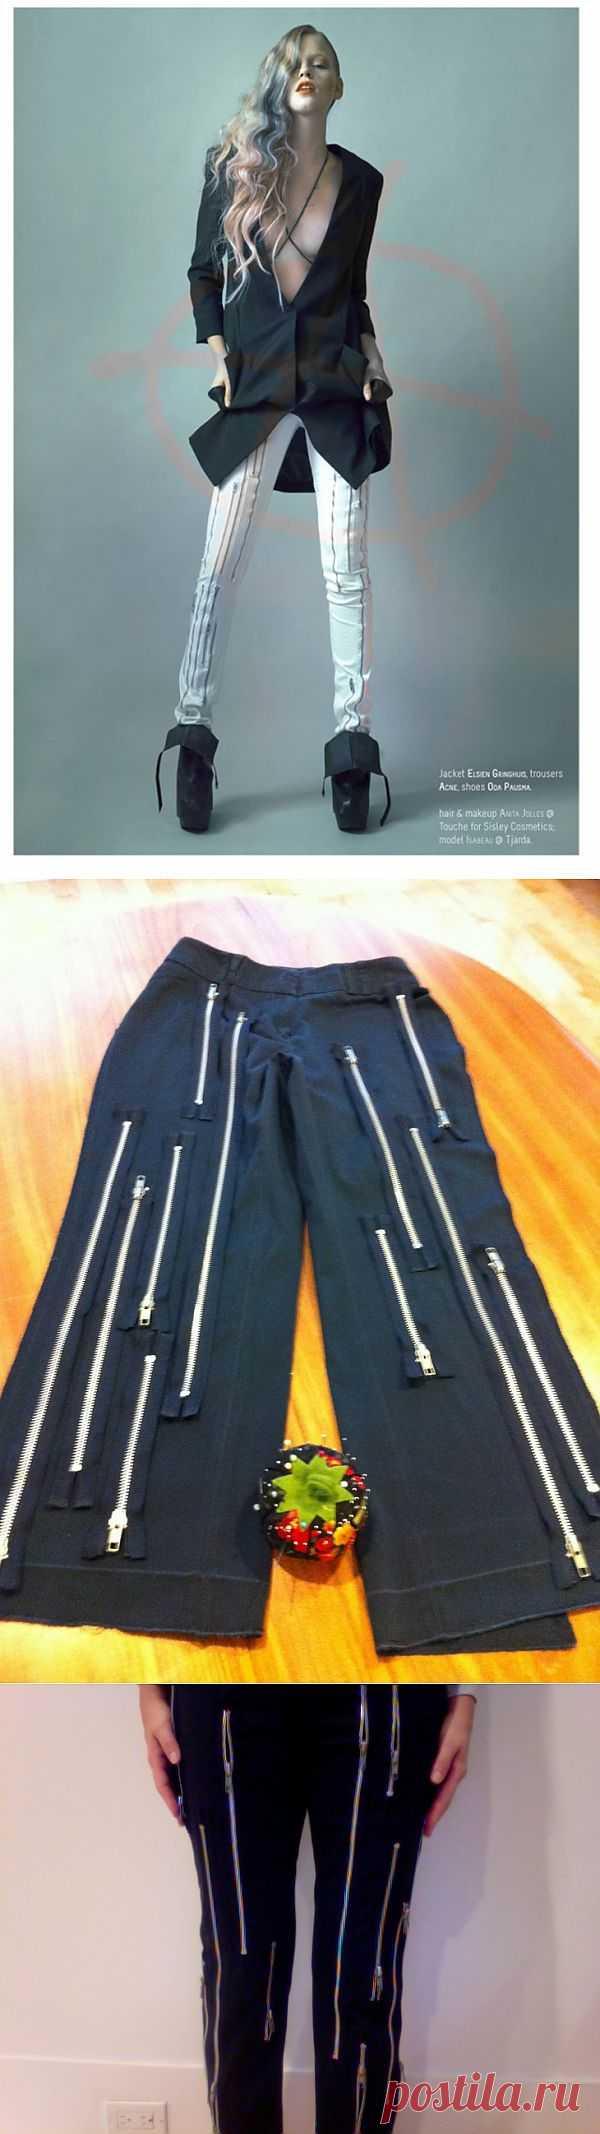 Повтор брюк ACNE (Diy) / Вышивка / Модный сайт о стильной переделке одежды и интерьера